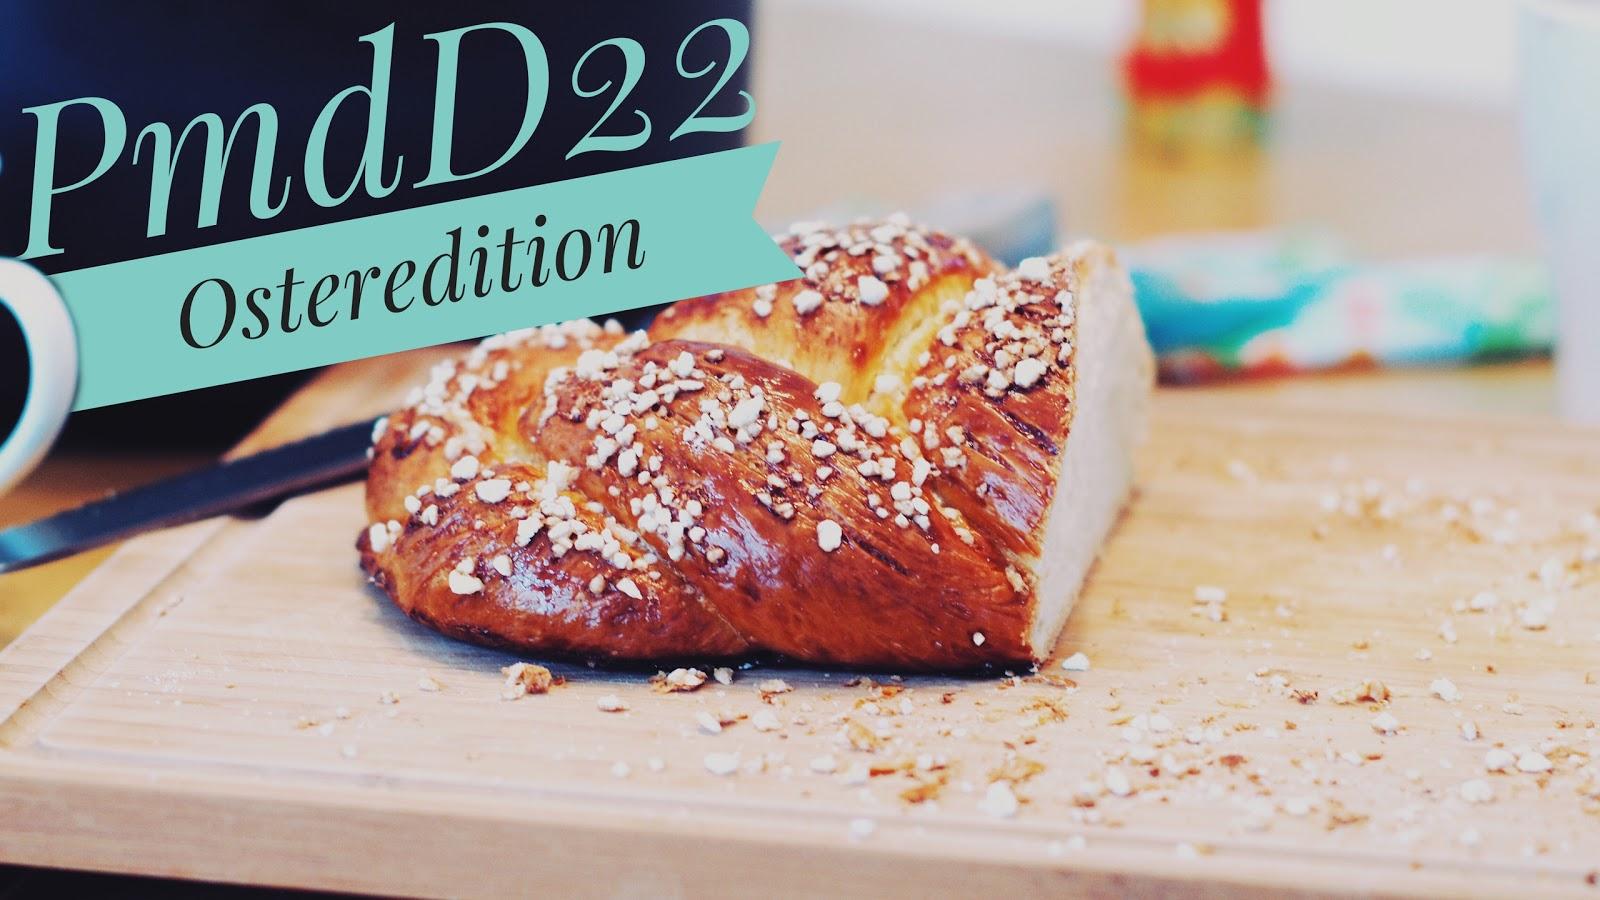 Das Foto zur Osteredition des Picture my day Day 22 aus dem Atomlabor Blog mit einem Hefezopf auf einem Brett